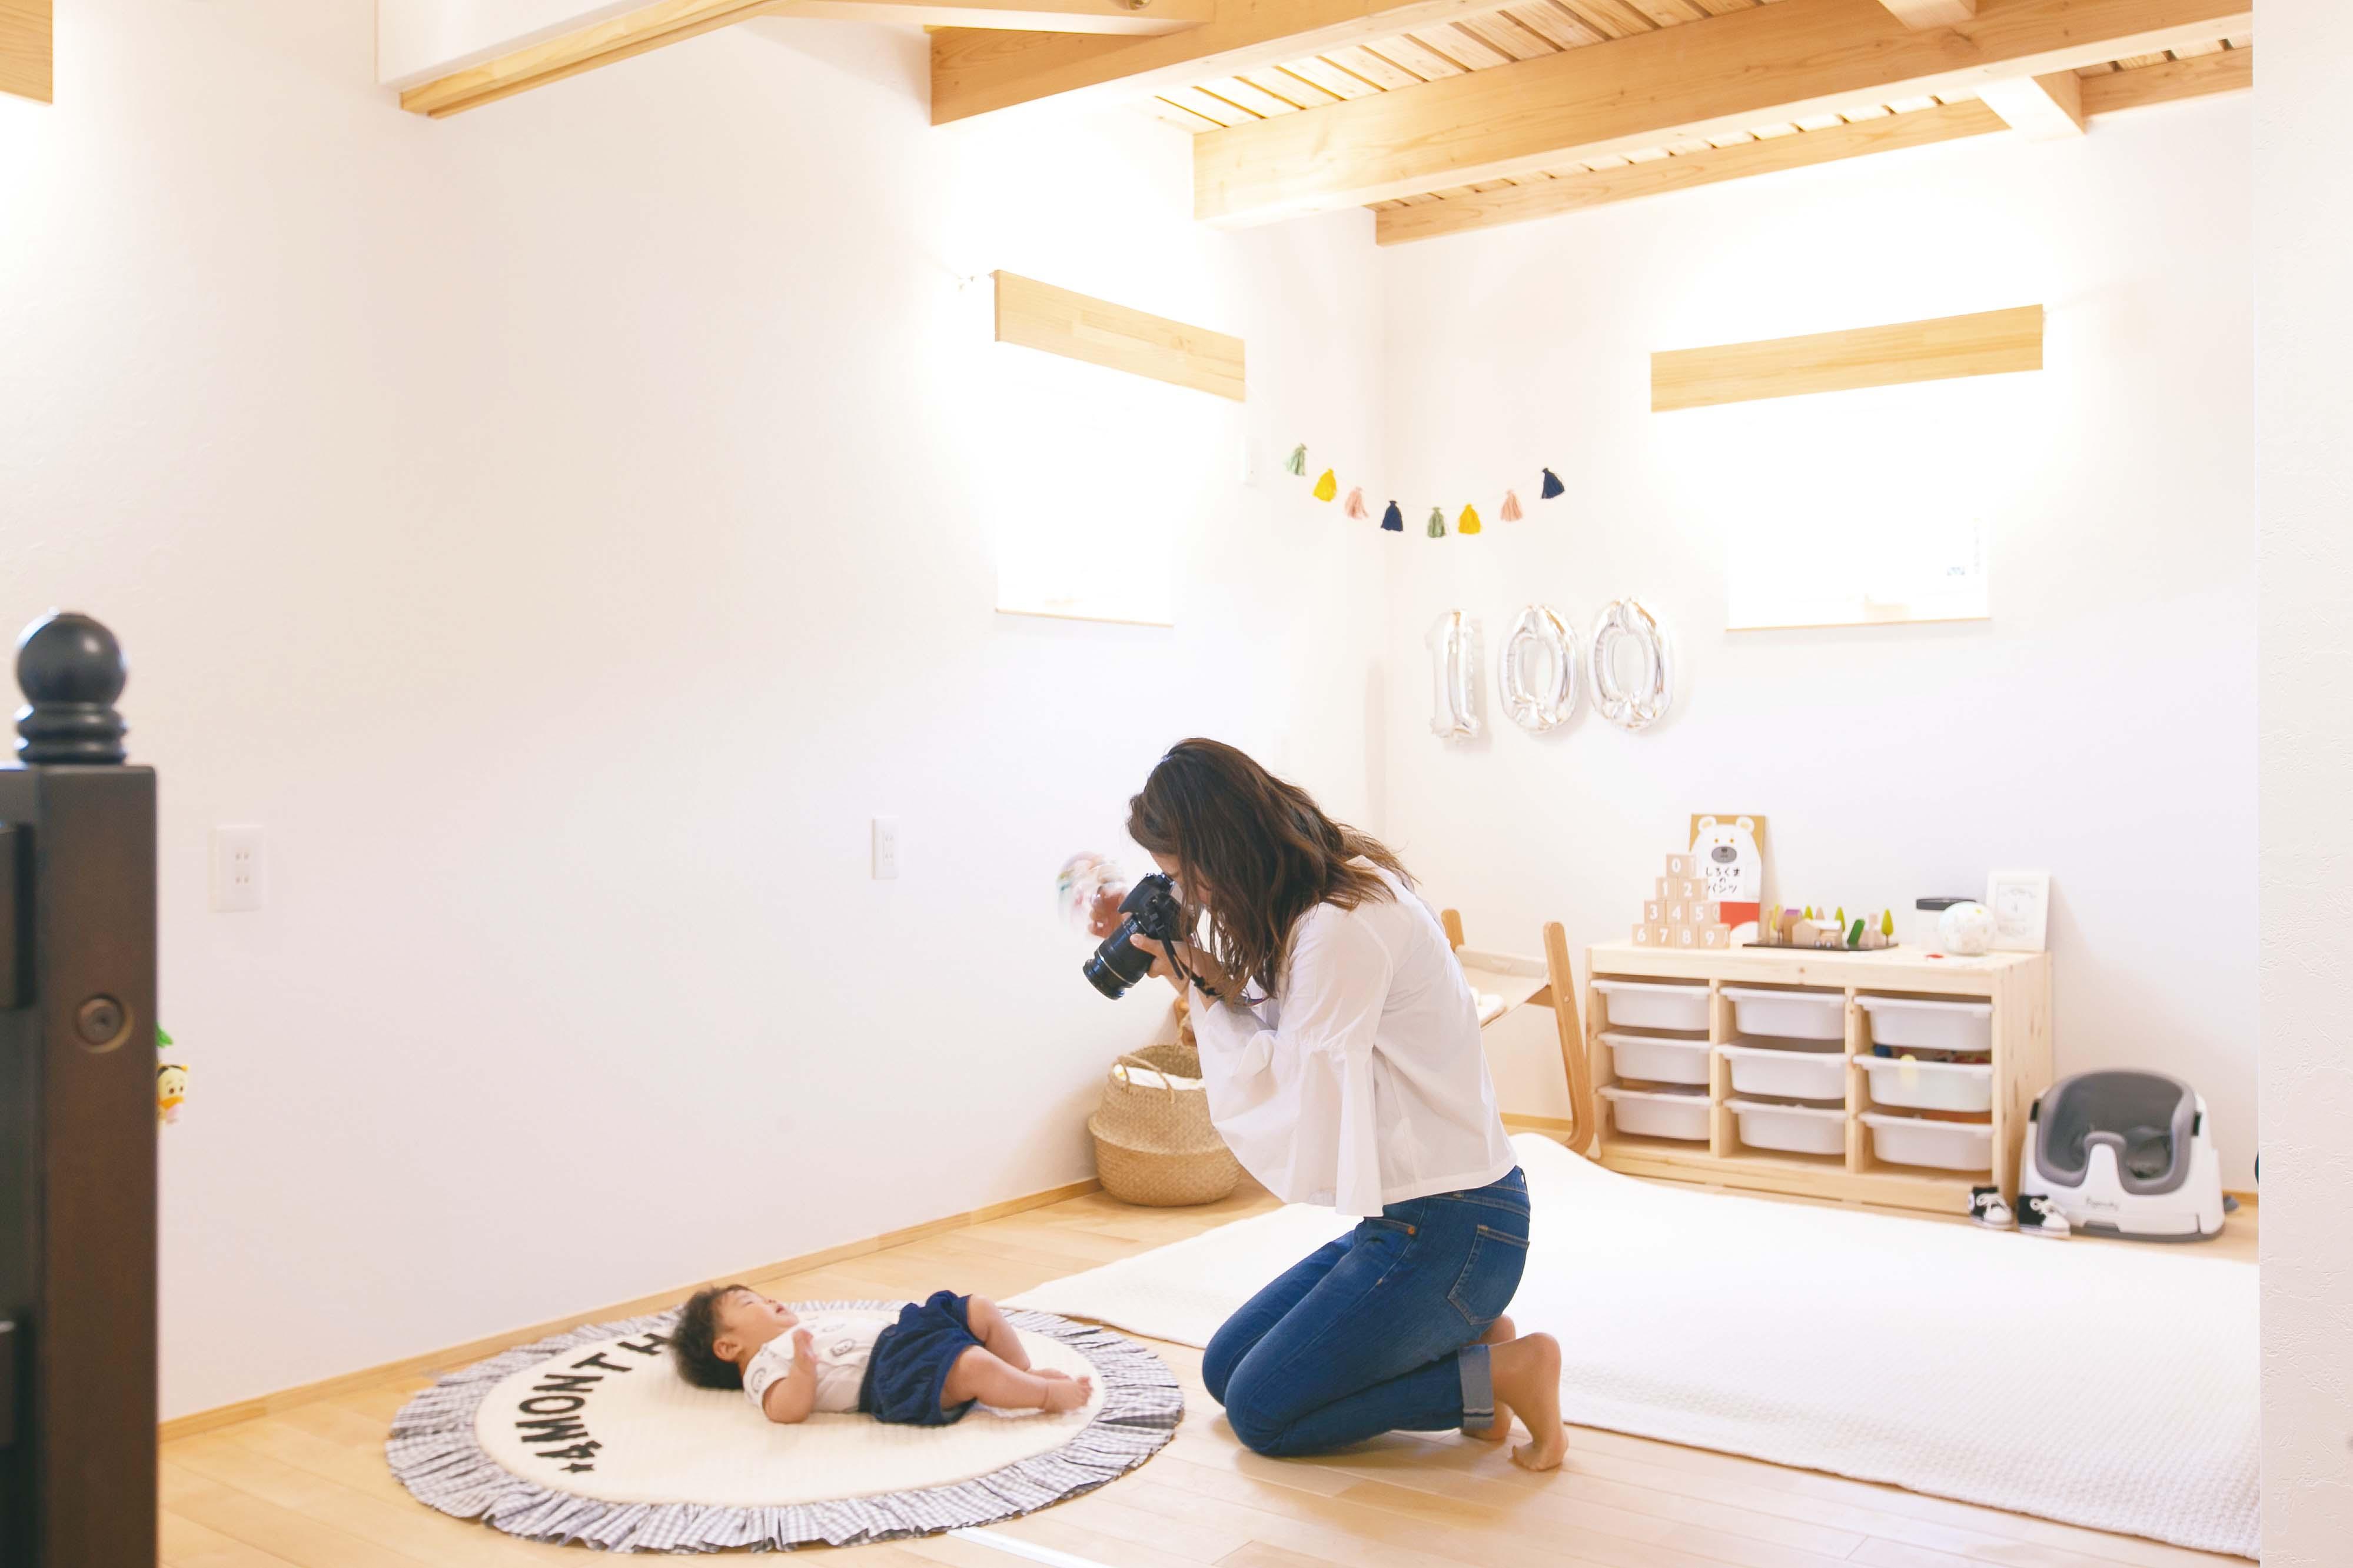 """共感住宅 ray-out (レイアウト)【デザイン住宅、子育て、趣味】子ども部屋は、将来2部屋に間仕切りできるようになっている。現在は、ここでかわいらしい赤ちゃんの寝姿の""""おひるねアート""""に興じることも"""